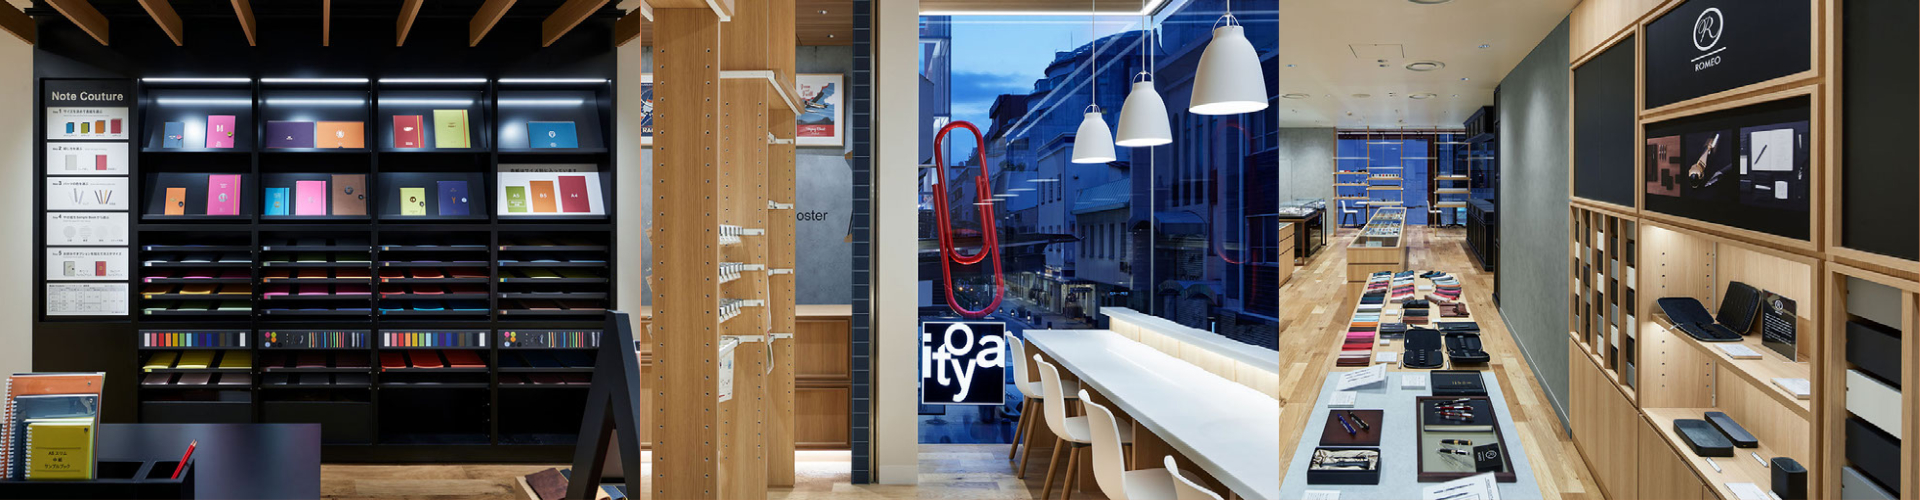 店舗の付加価値を高める体験型のサービスを提供する空間デザインの写真